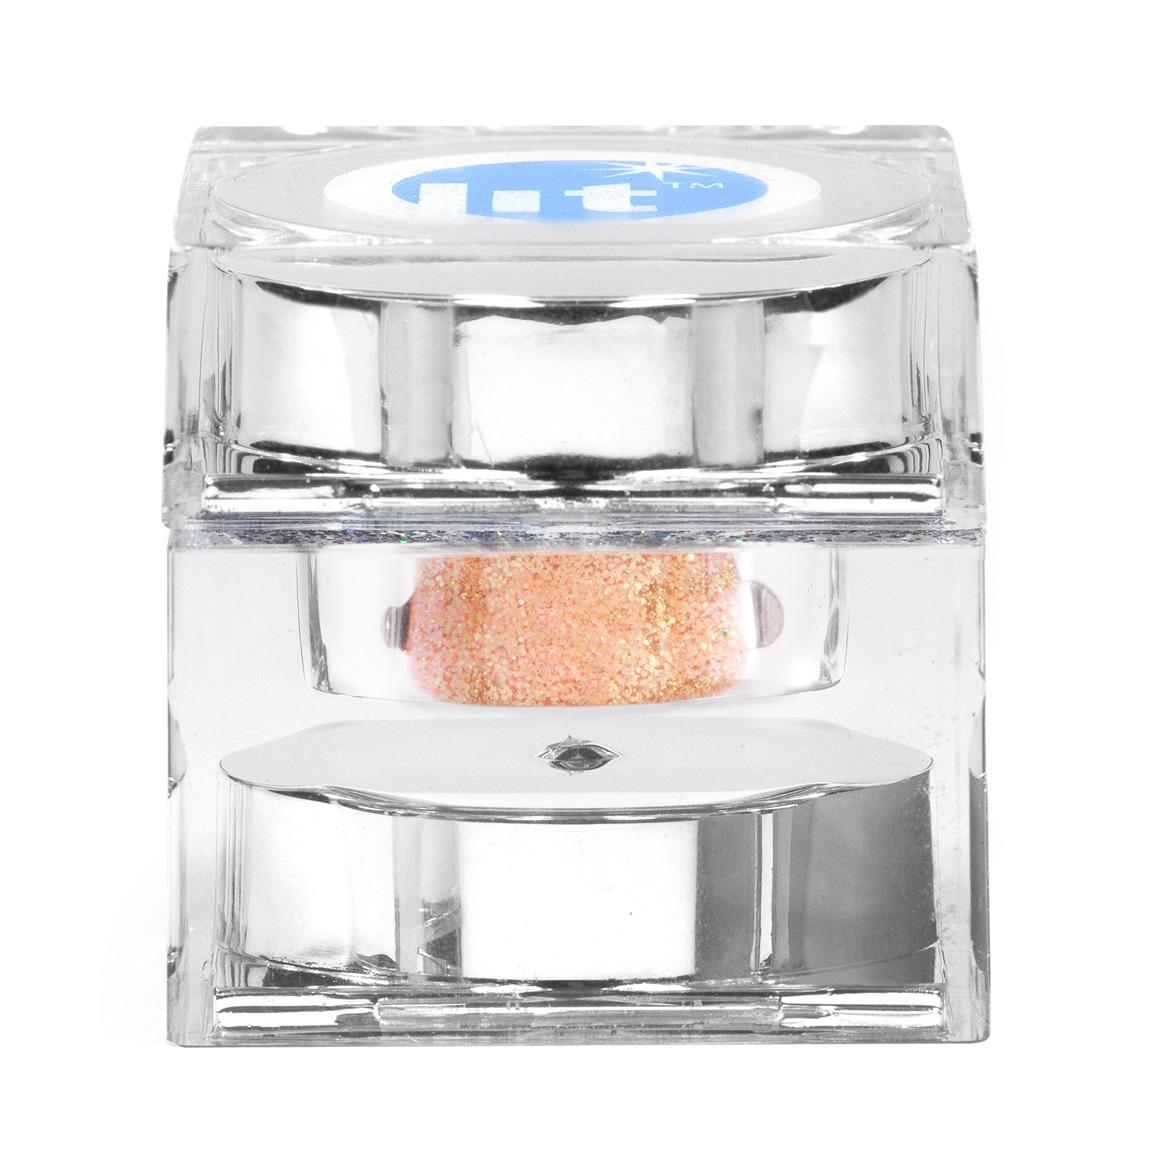 Lit Cosmetics Lit Glitter Sugar Free S2 (Solid) alternative view 1.